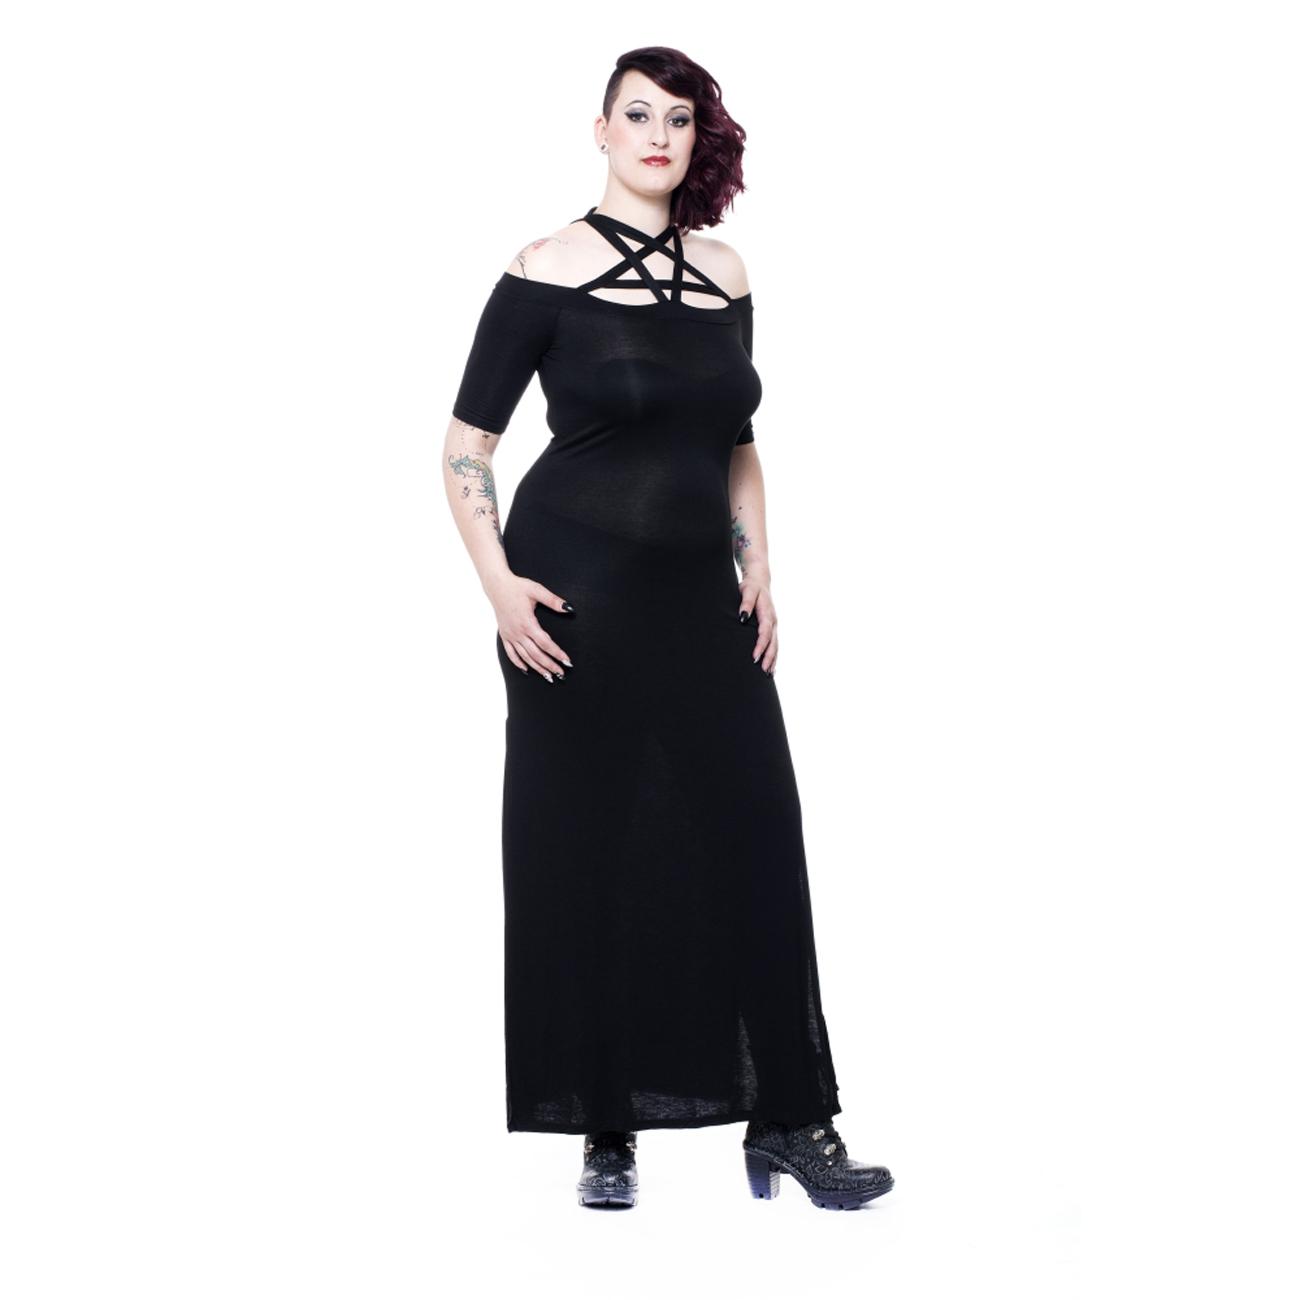 eternity dress langes schwarzes kleid. Black Bedroom Furniture Sets. Home Design Ideas